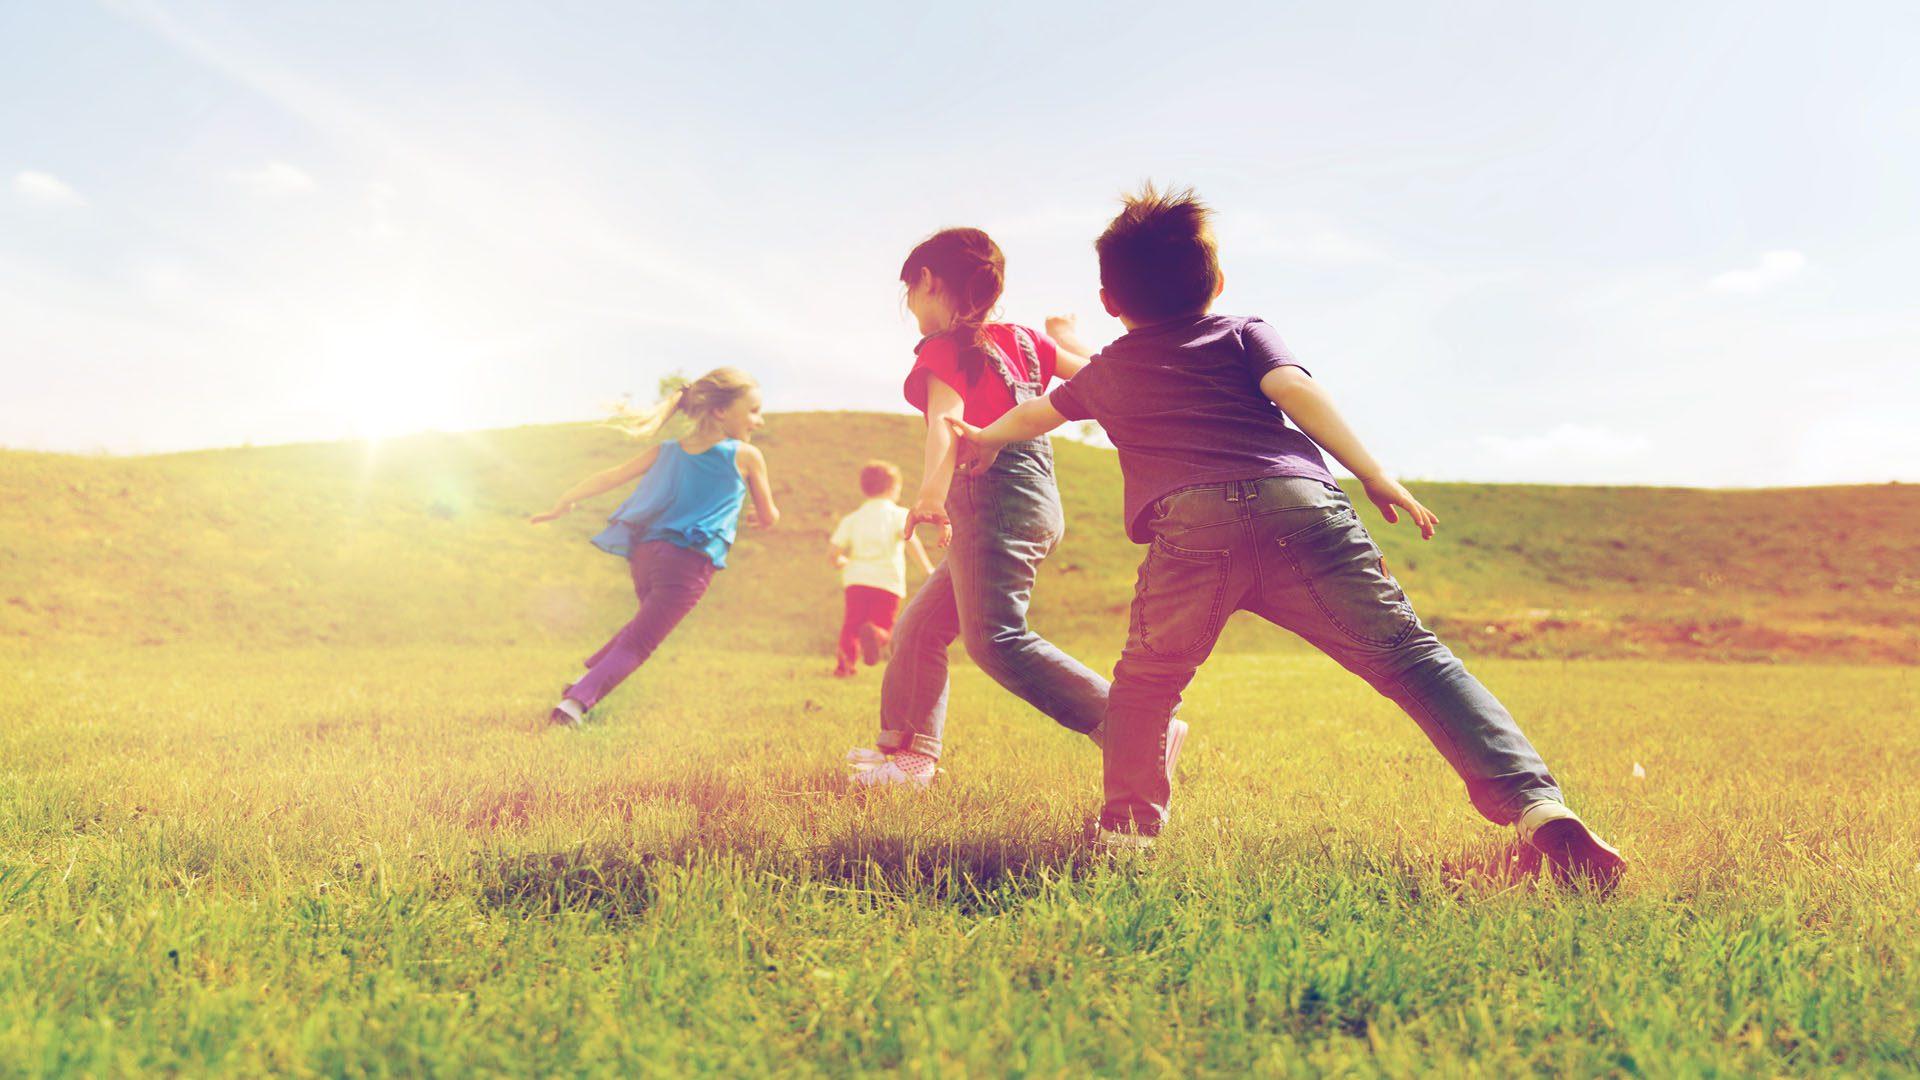 11860 Vista Del Sol Ste. 128 Probiotics For Toddlers El Paso, Texas